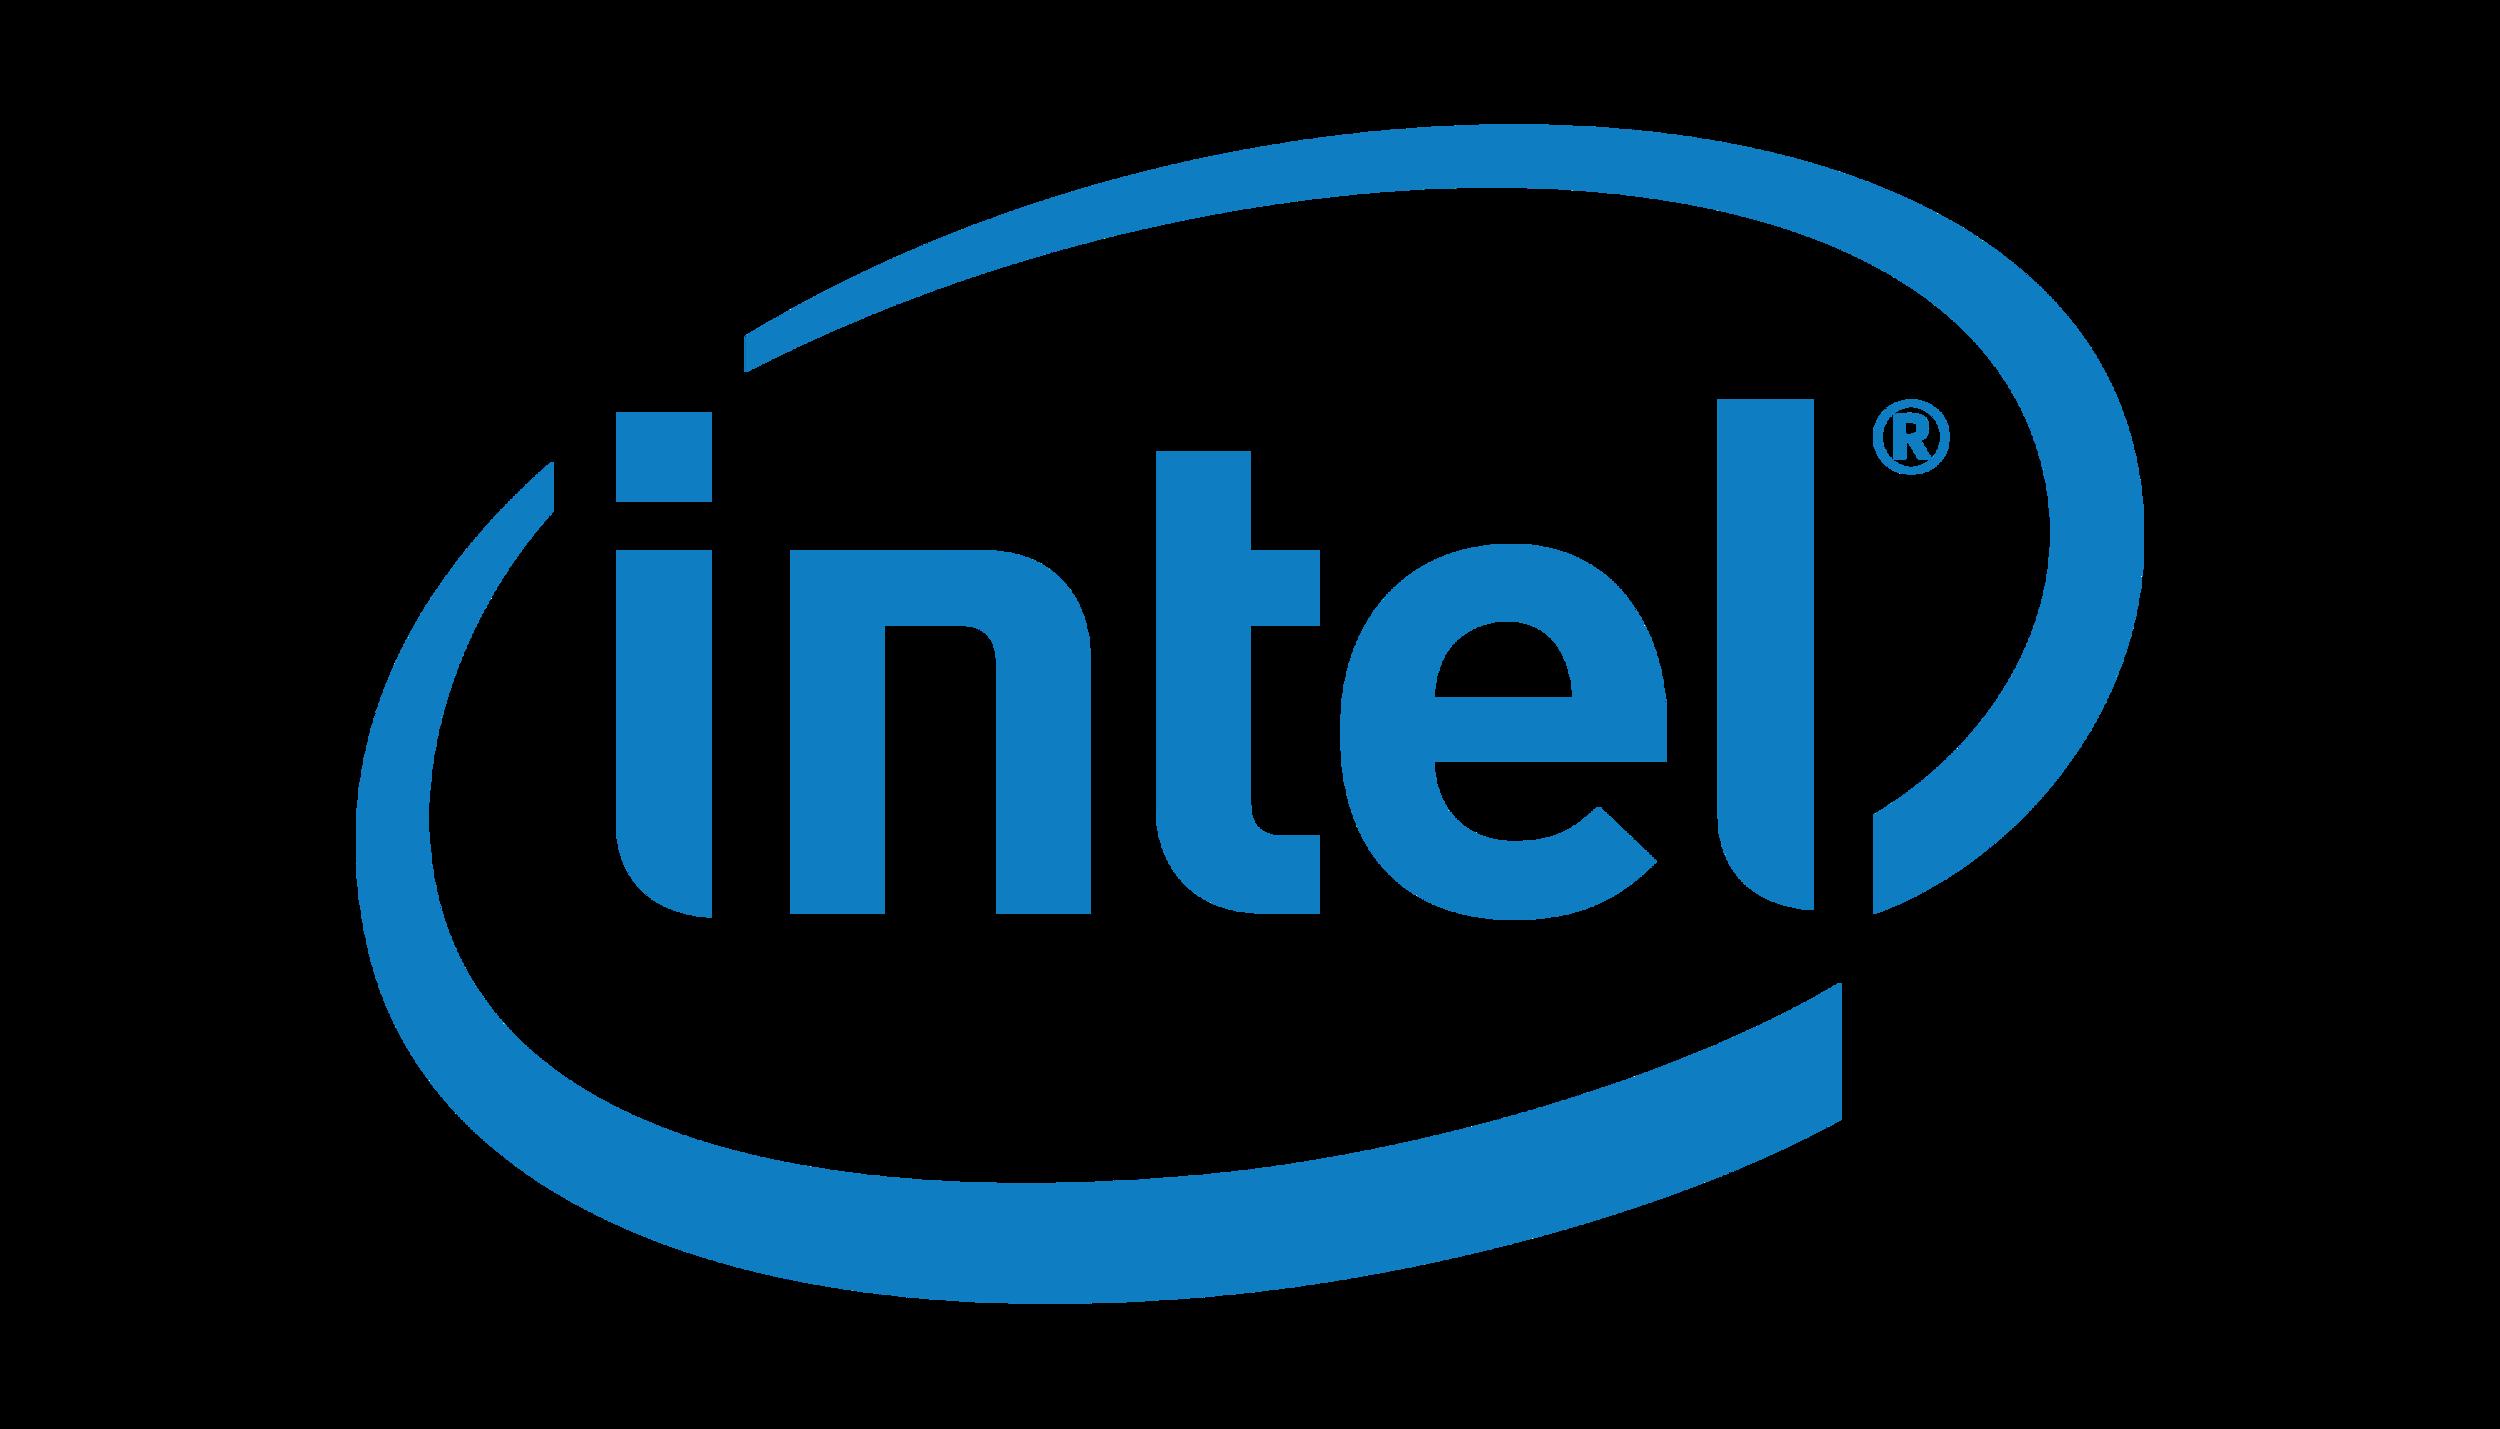 intel-small-logo.png